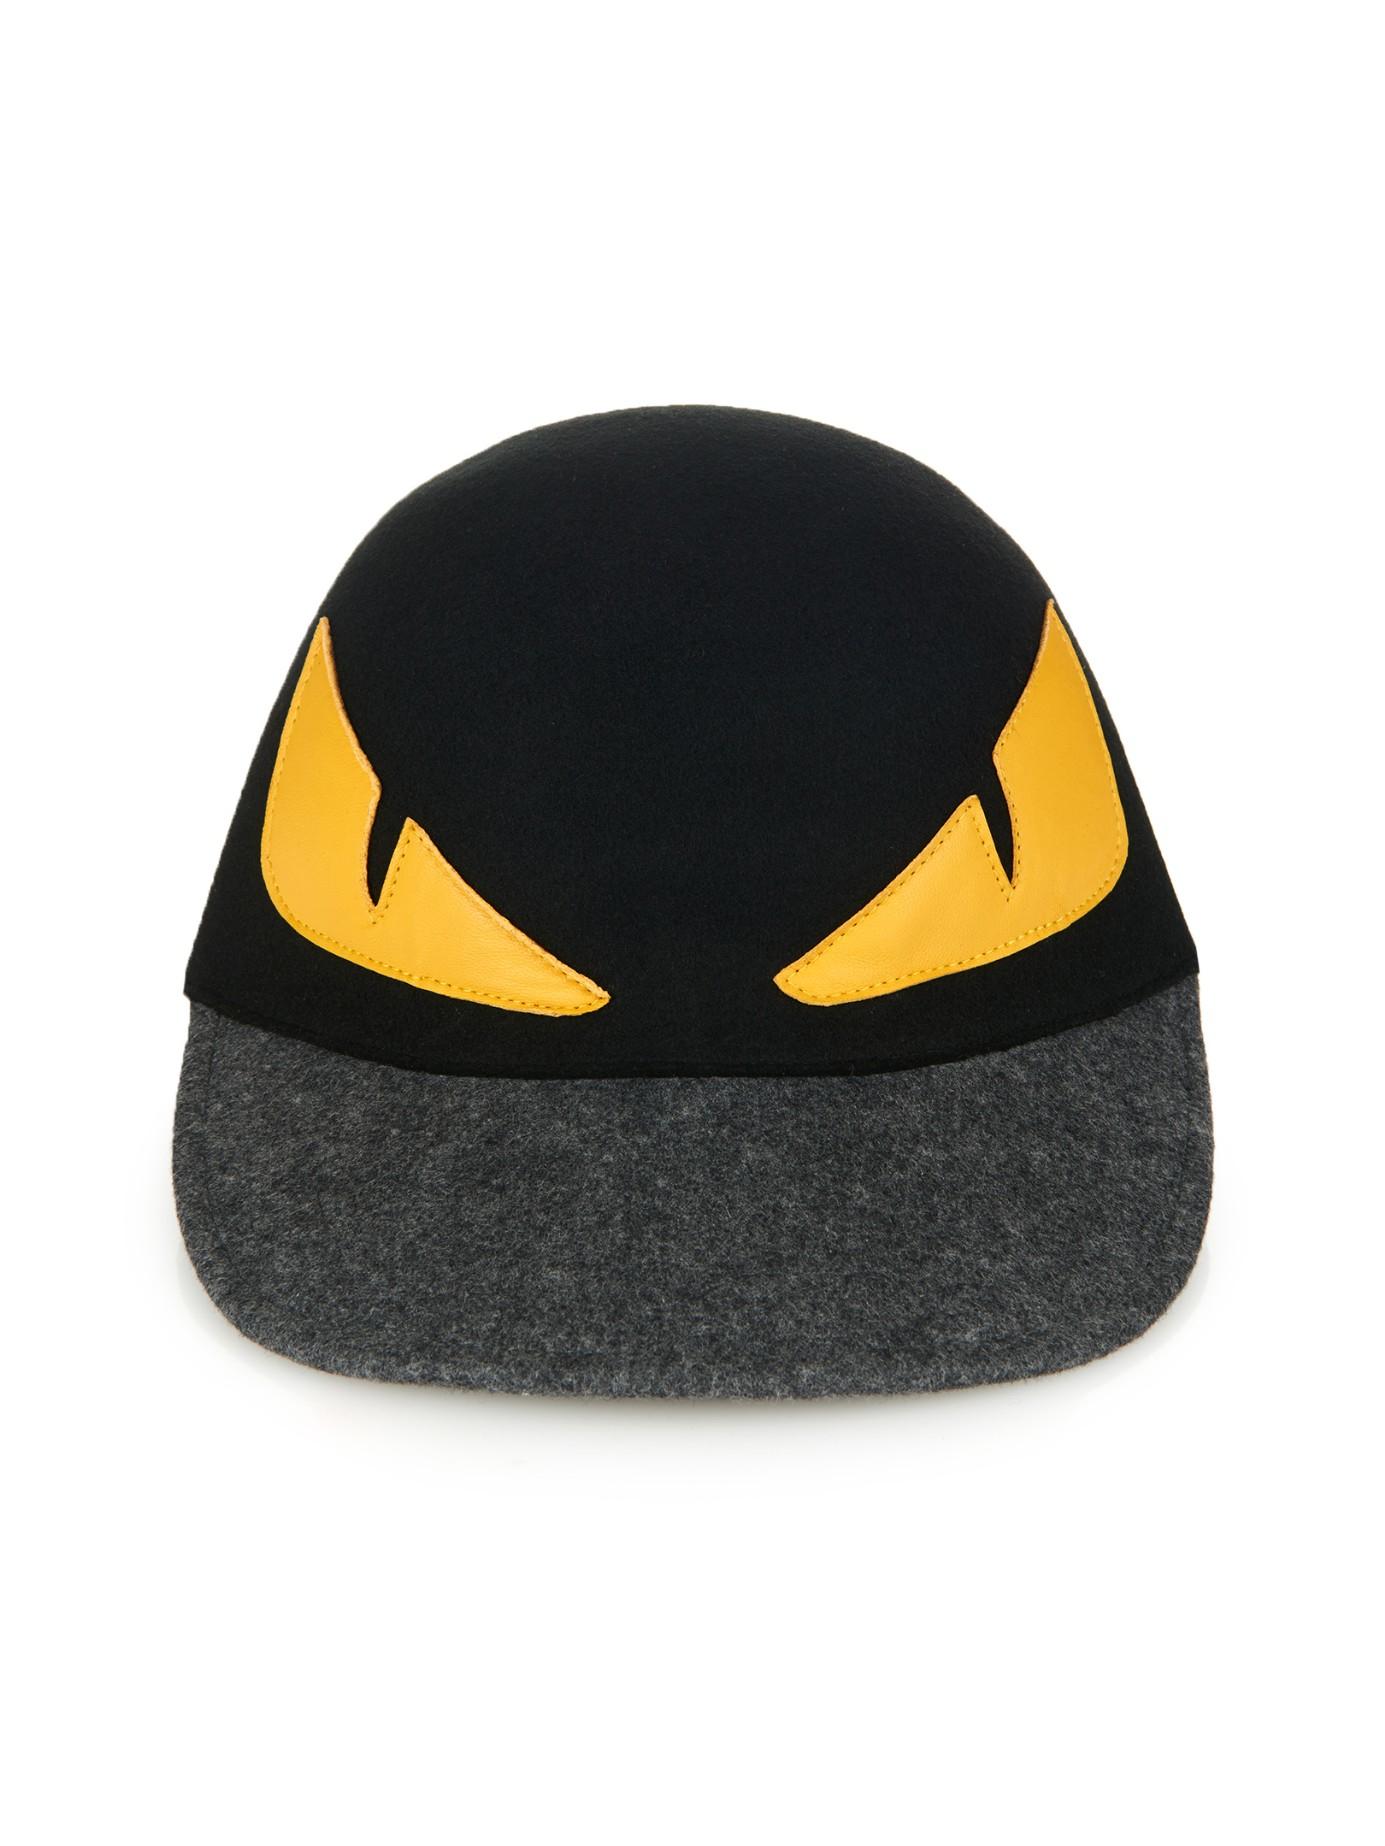 404b2a81c25 Fendi Monster Eyes Wool-Felt Cap in Black for Men - Lyst